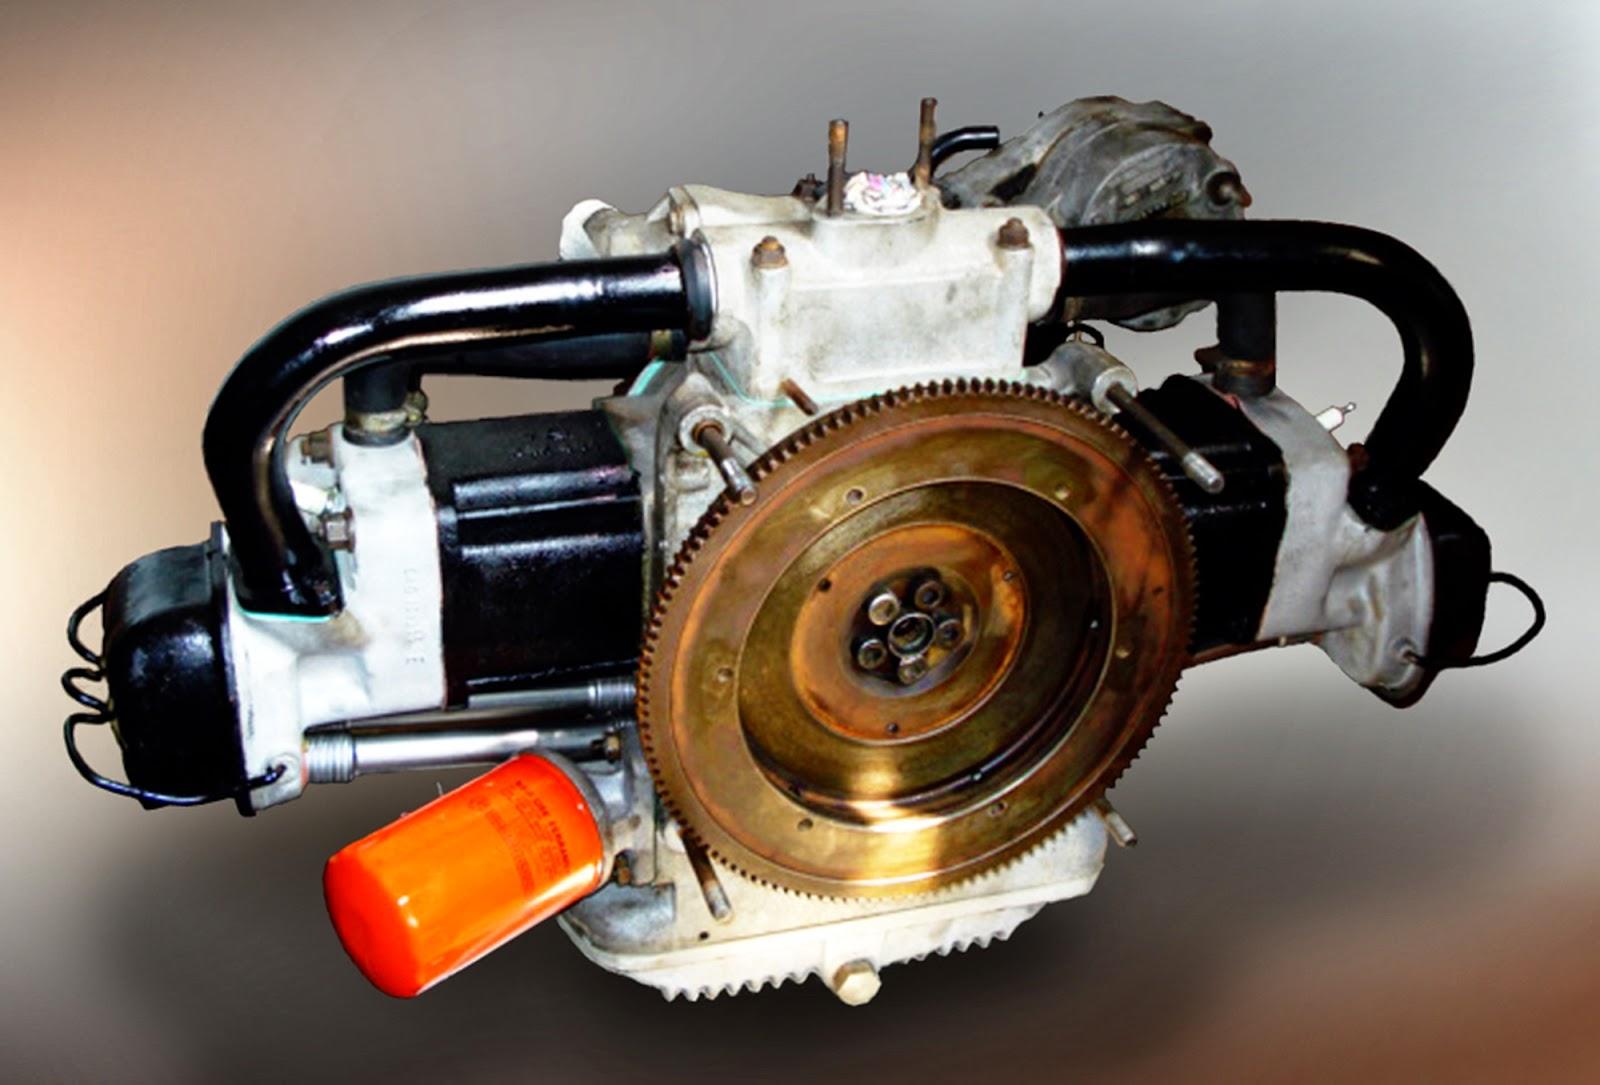 Motor 0.8 Enertron. Na época, seu desenvolvimento custou 7 milhões de dólares